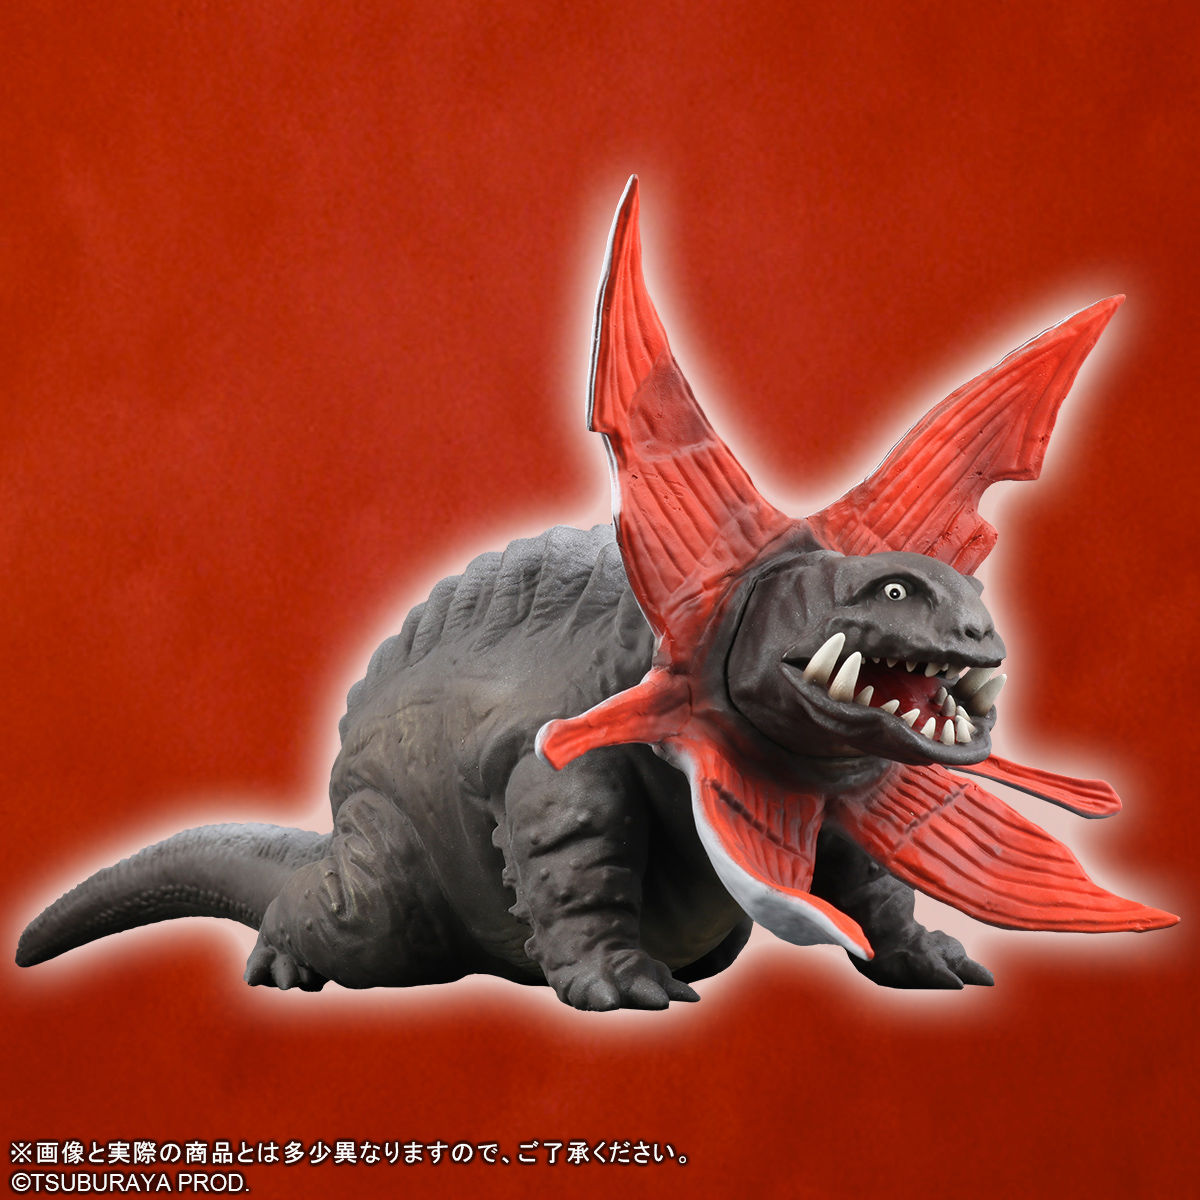 【限定販売】ウルトラ大怪獣シリーズ5000『ガボラ/ムルチ』完成品フィギュア-006